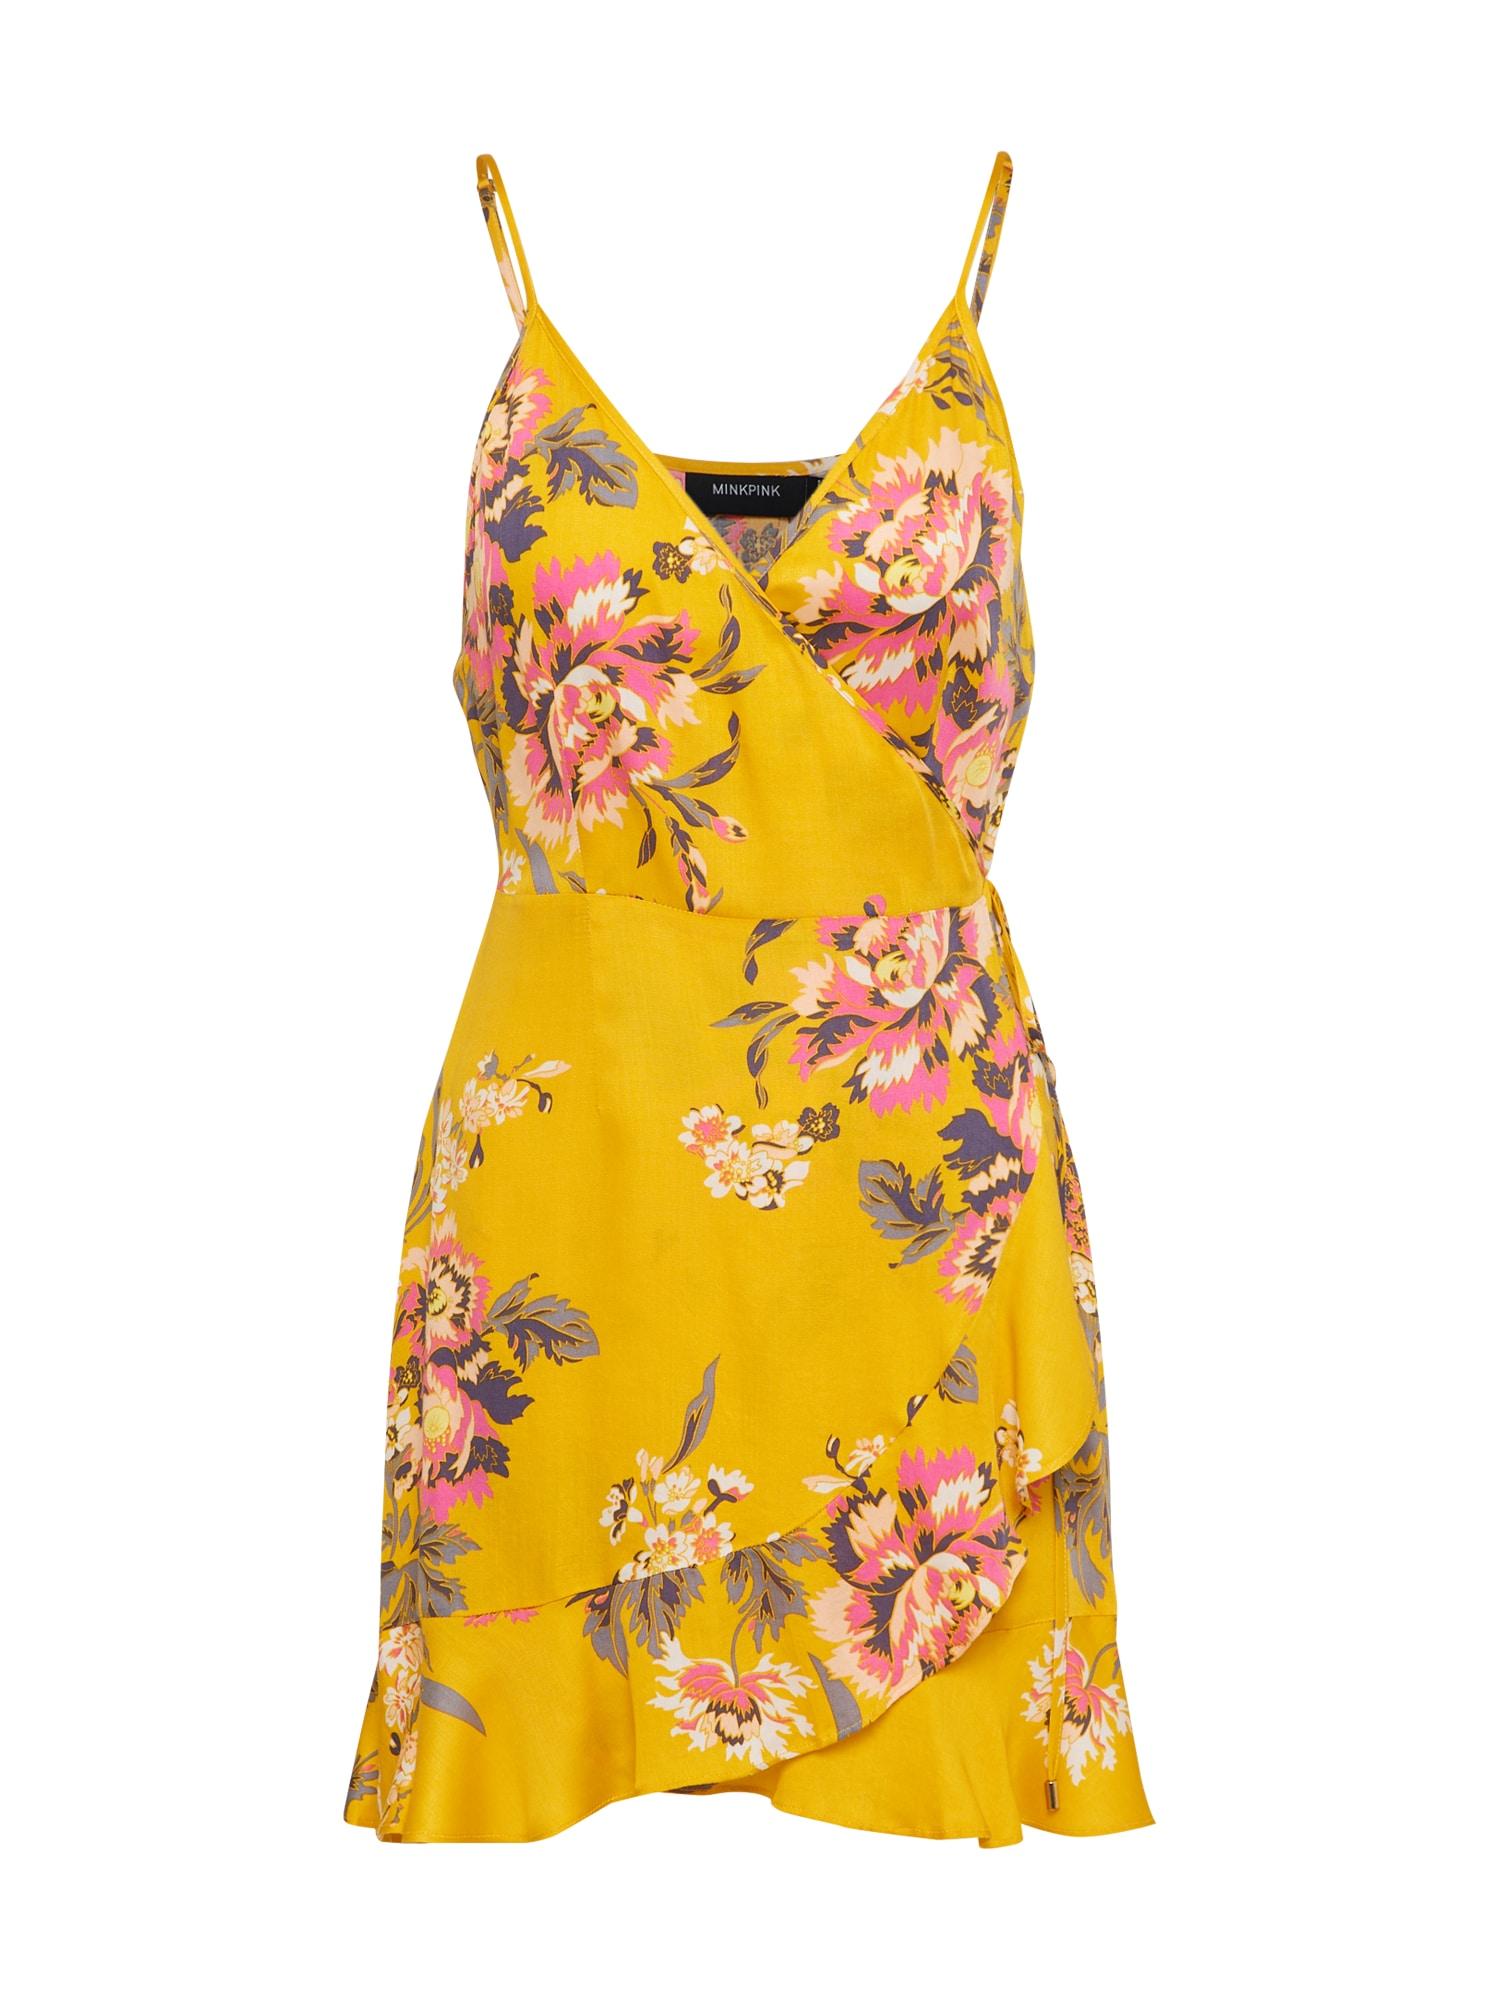 Letní šaty TOKYO WRAP DRESS žlutá MINKPINK